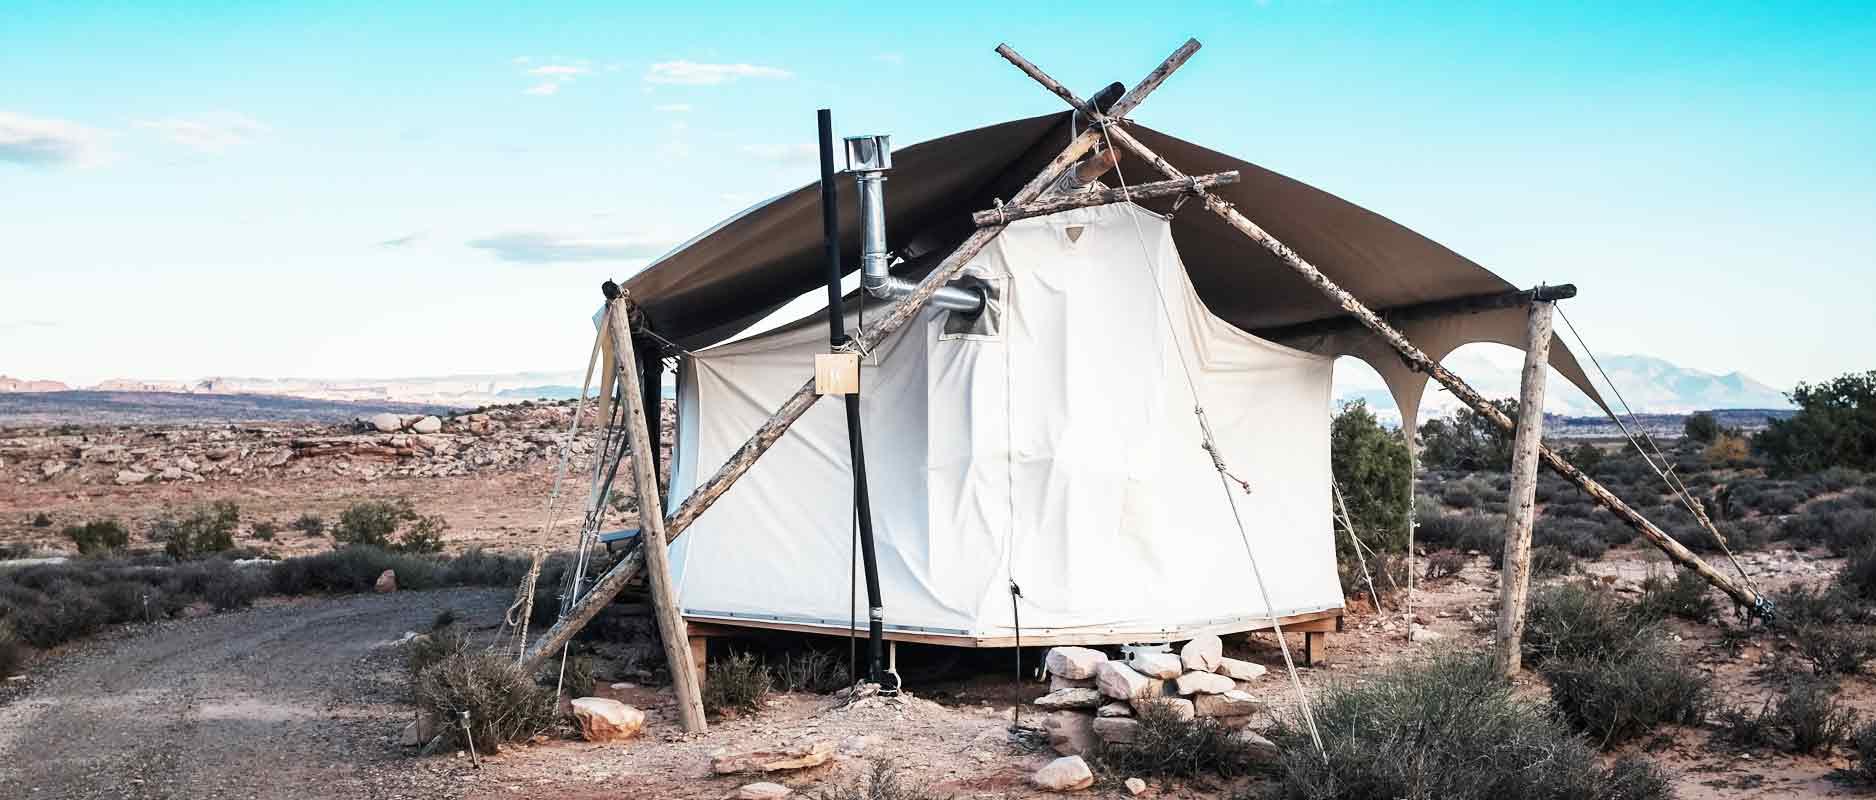 Tabernakel | Tent van ontmoeting